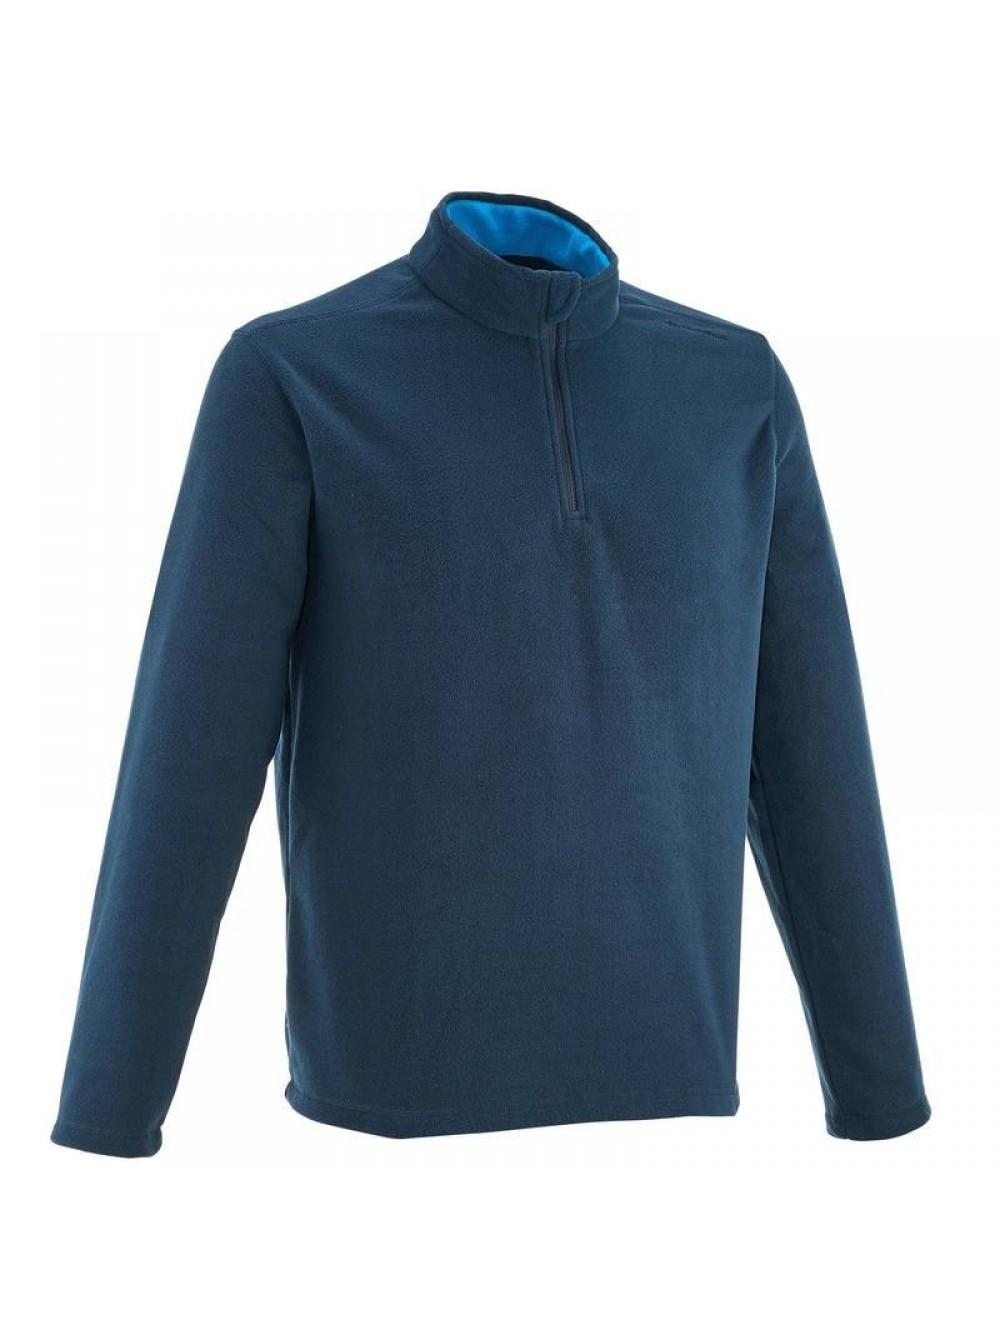 techniques modernes regard détaillé large choix de couleurs et de dessins Sous-veste tricot polaire Décathlon - 100 % polyester - bleu ...